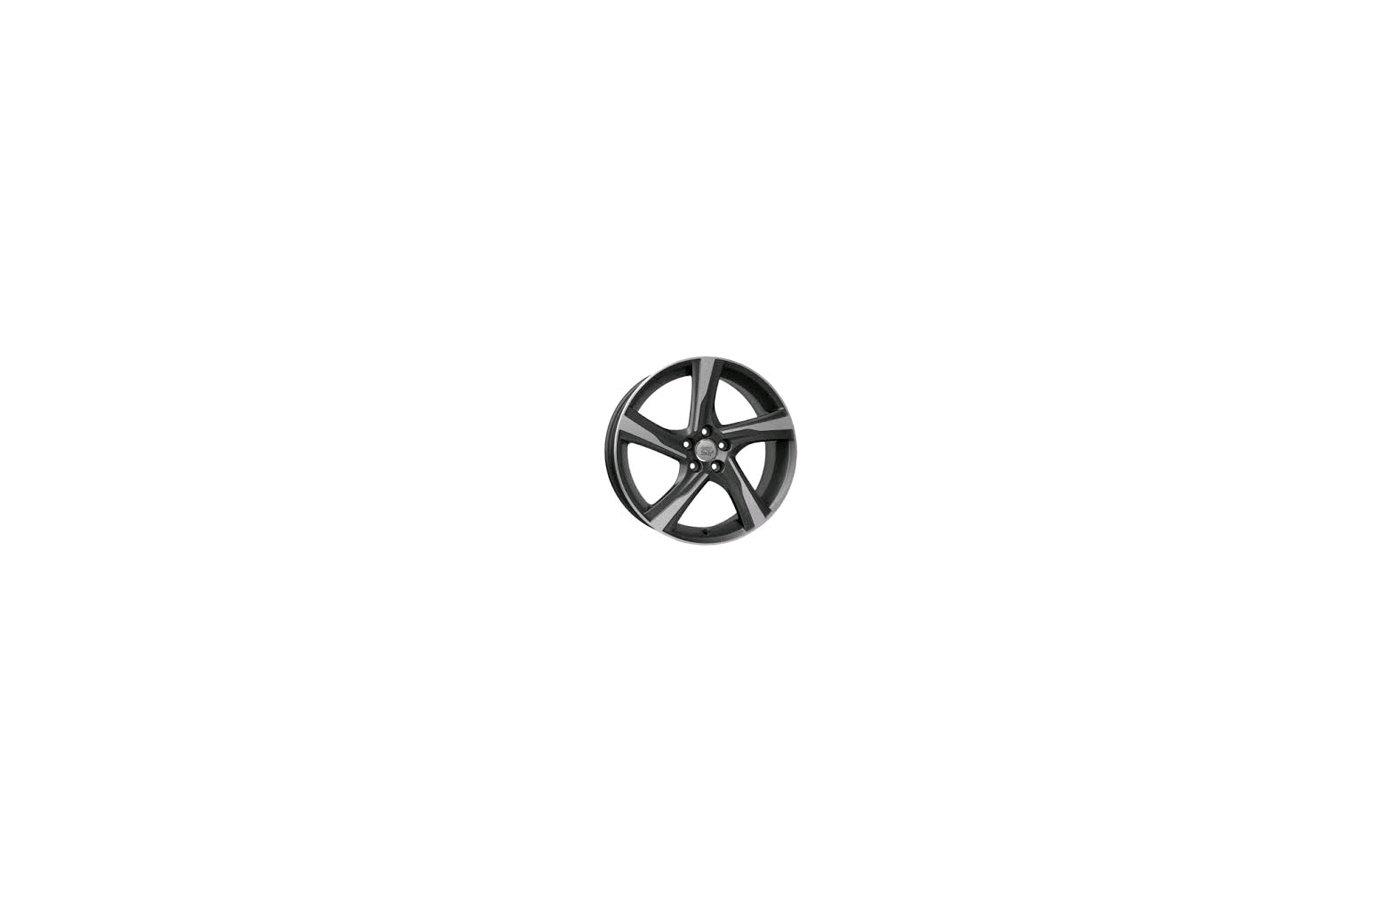 Диск Ё-wheels E18 6x15/4x100 D60.1 ET45 MBF